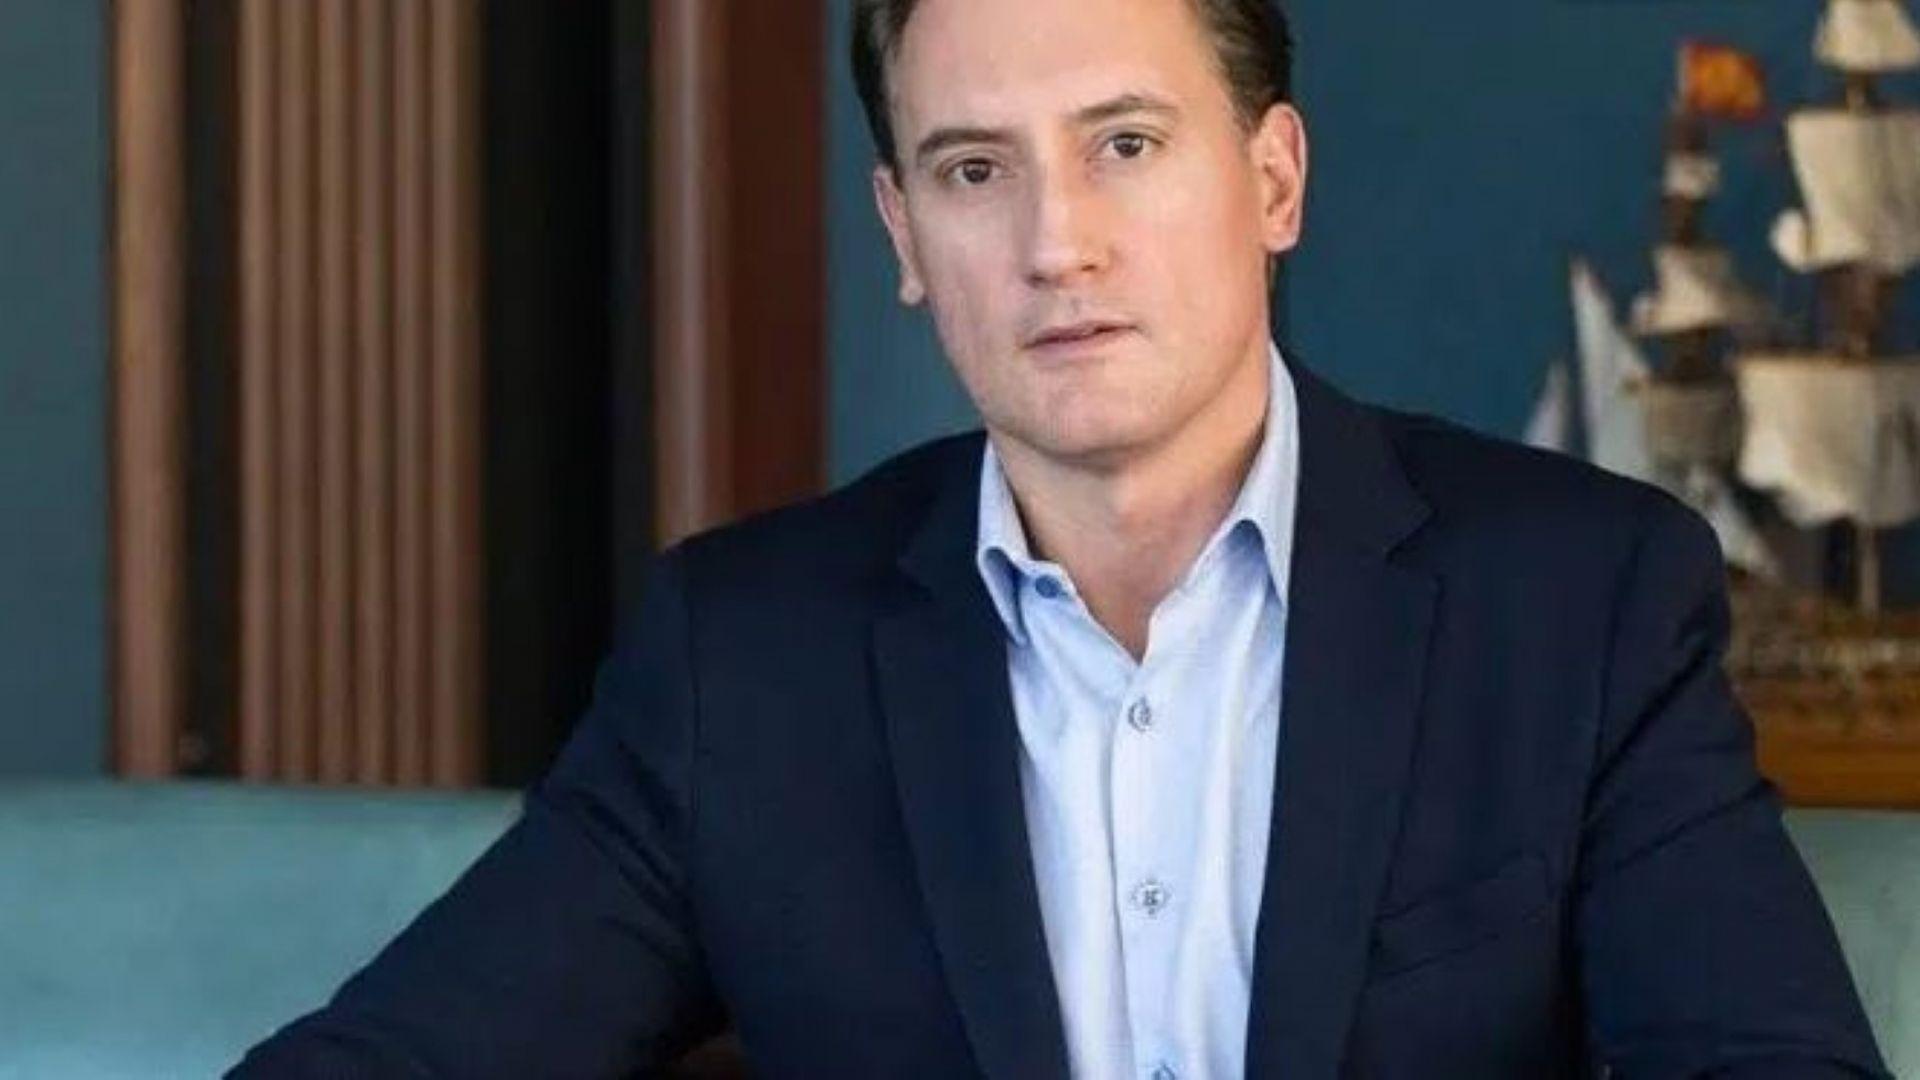 """Кирил Домусчиев: Кръгът """"Прокопиев"""" постоянно тормози нормалния бизнес"""